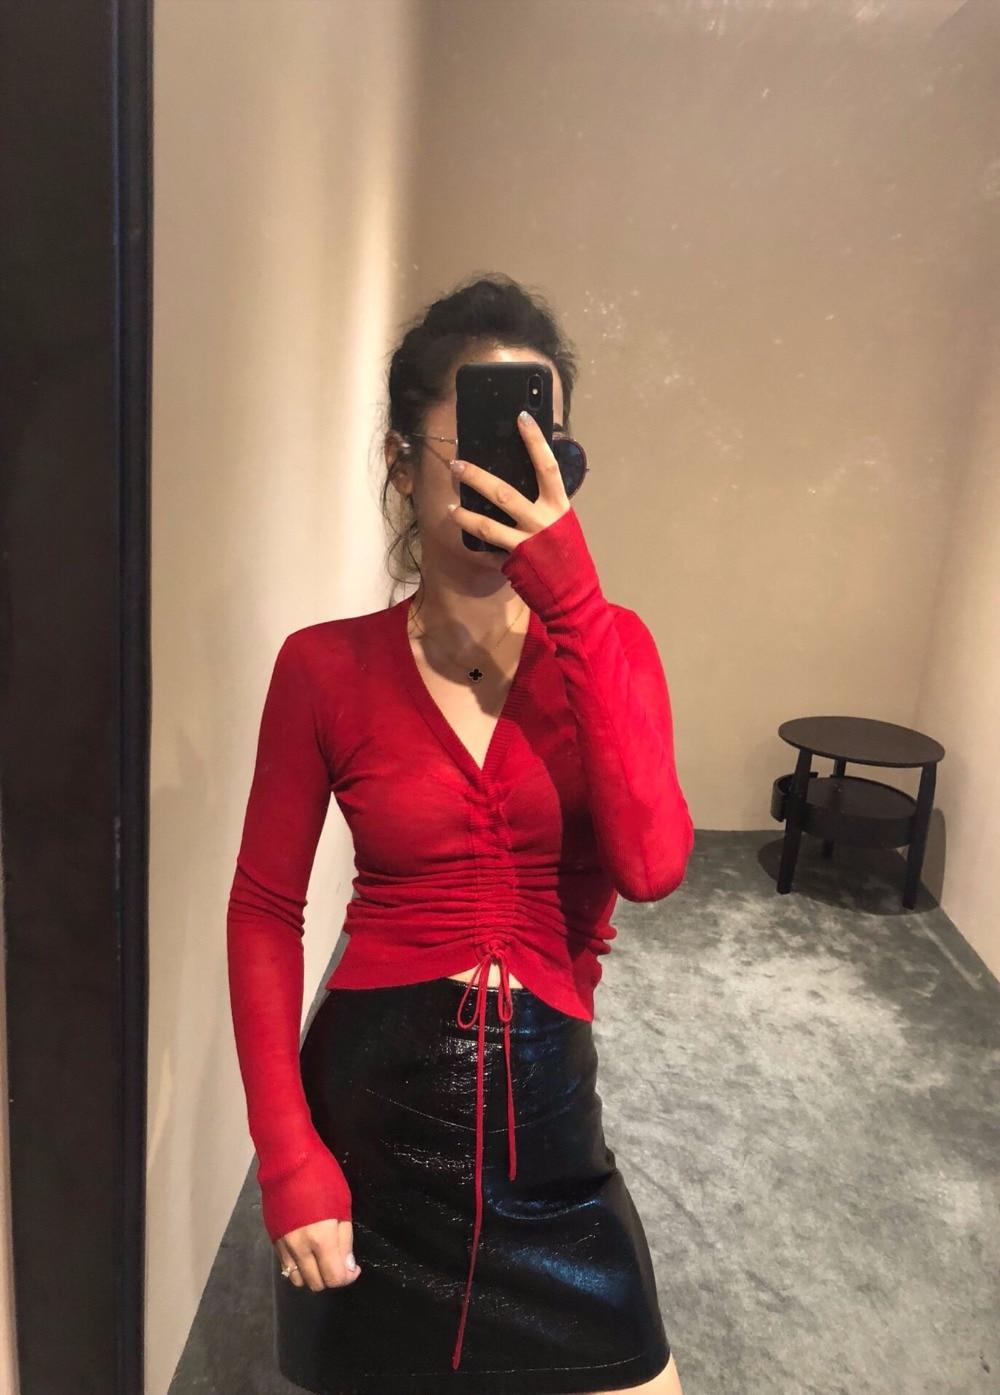 2018 Couleur Laine 5 Pull Femmes Col Sexy V Nouveau Chandail Ddxgz3 Mince Or1xO4Twcq